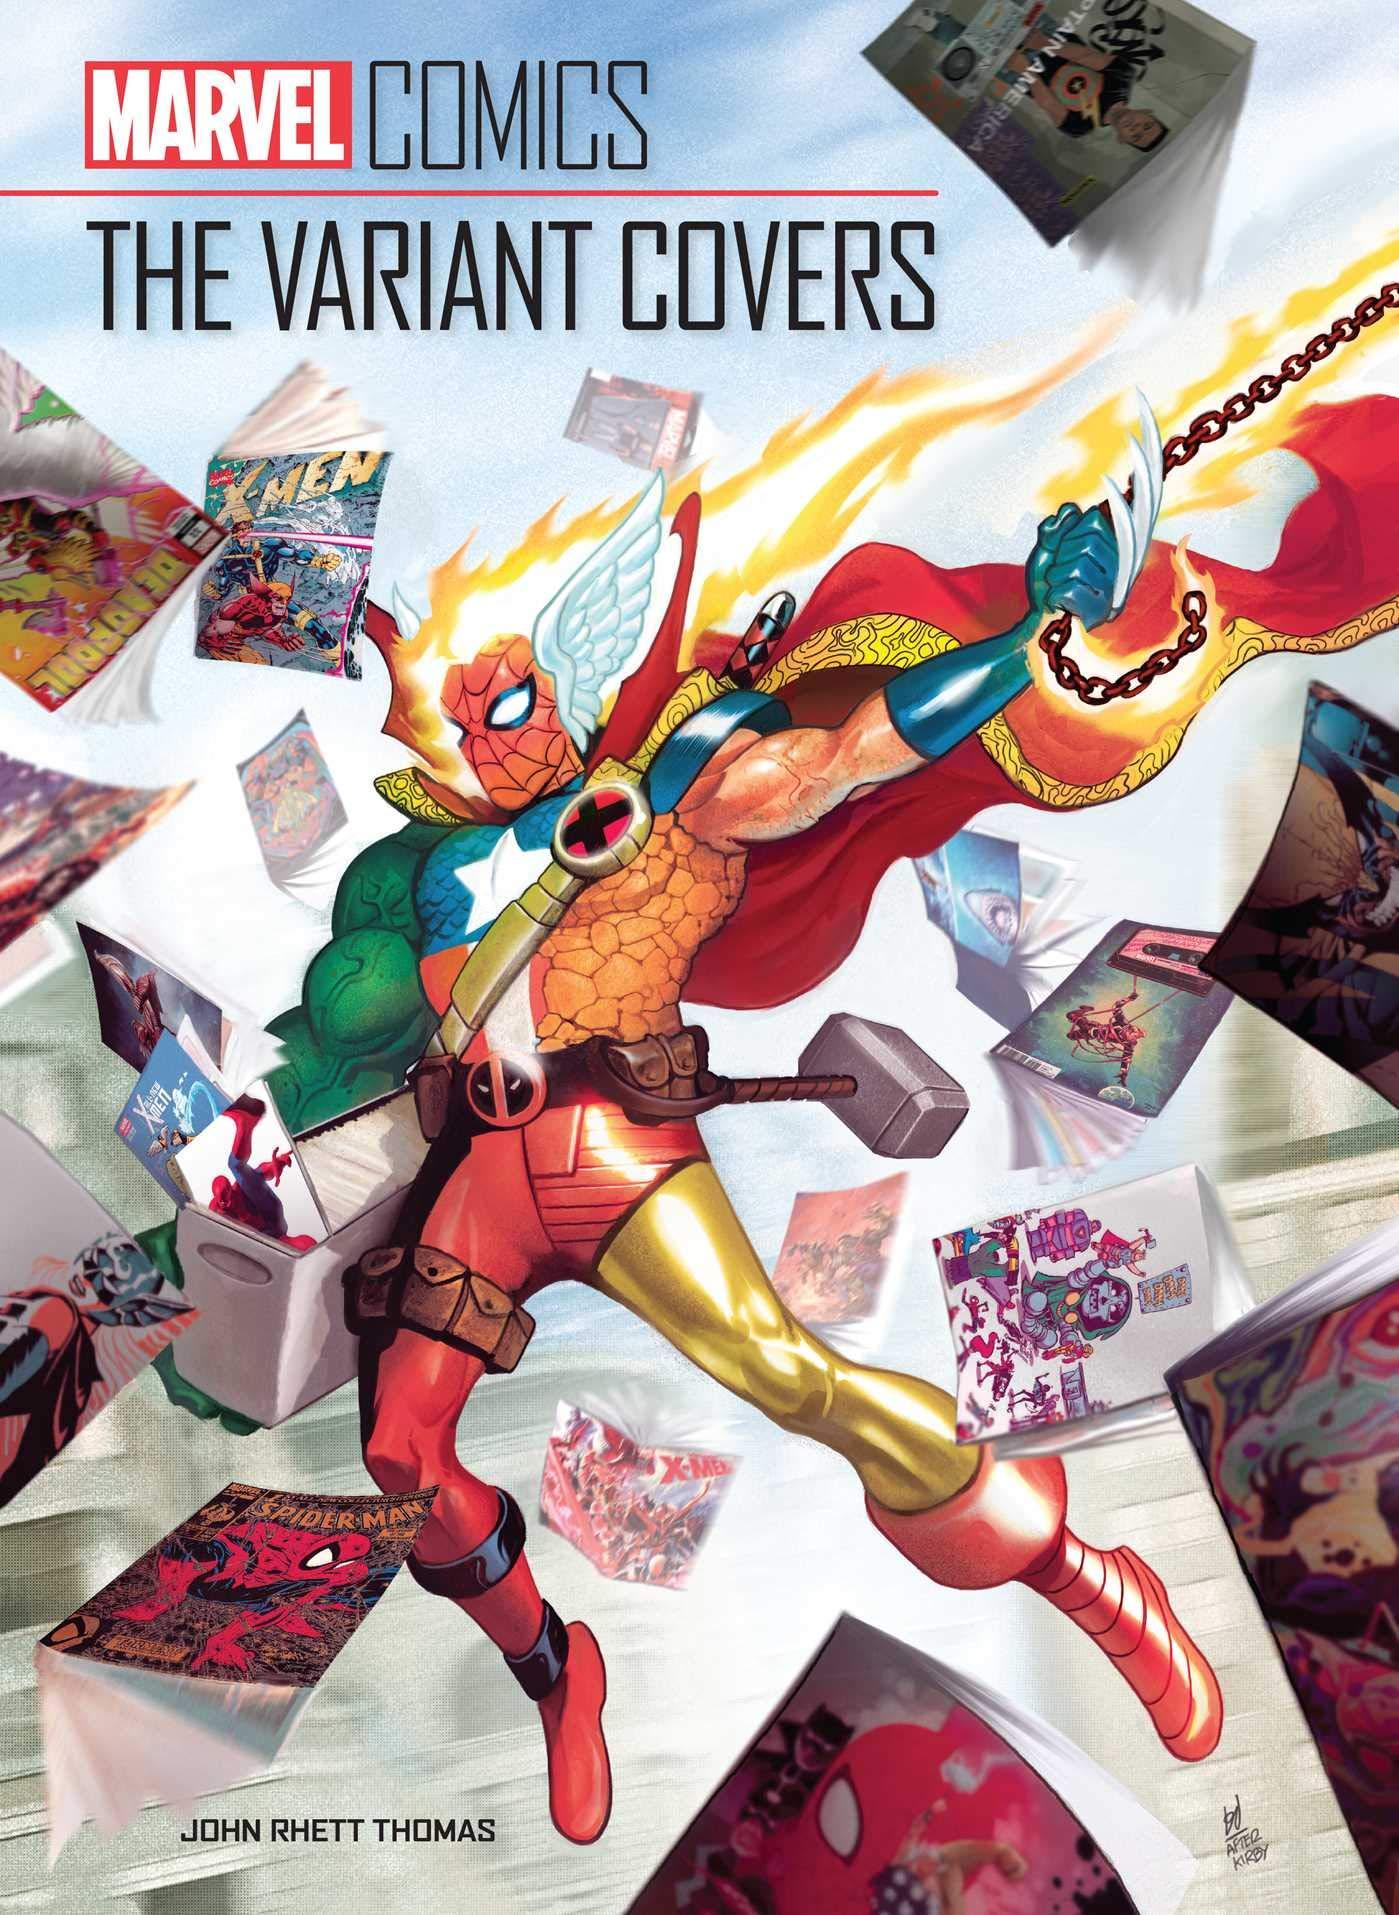 Marvel Comics: The Variant Covers: Thomas, John Rhett: 9781683838777: Amazon.com: Books